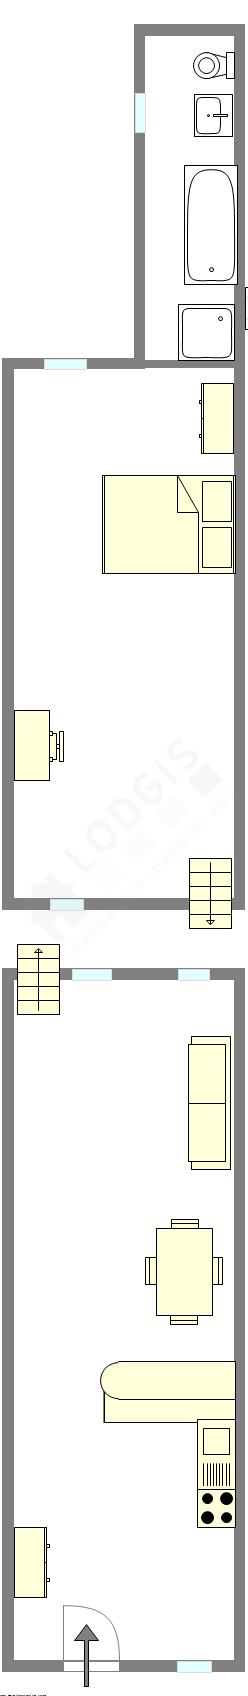 Дуплекс Париж 5° - Интерактивный план